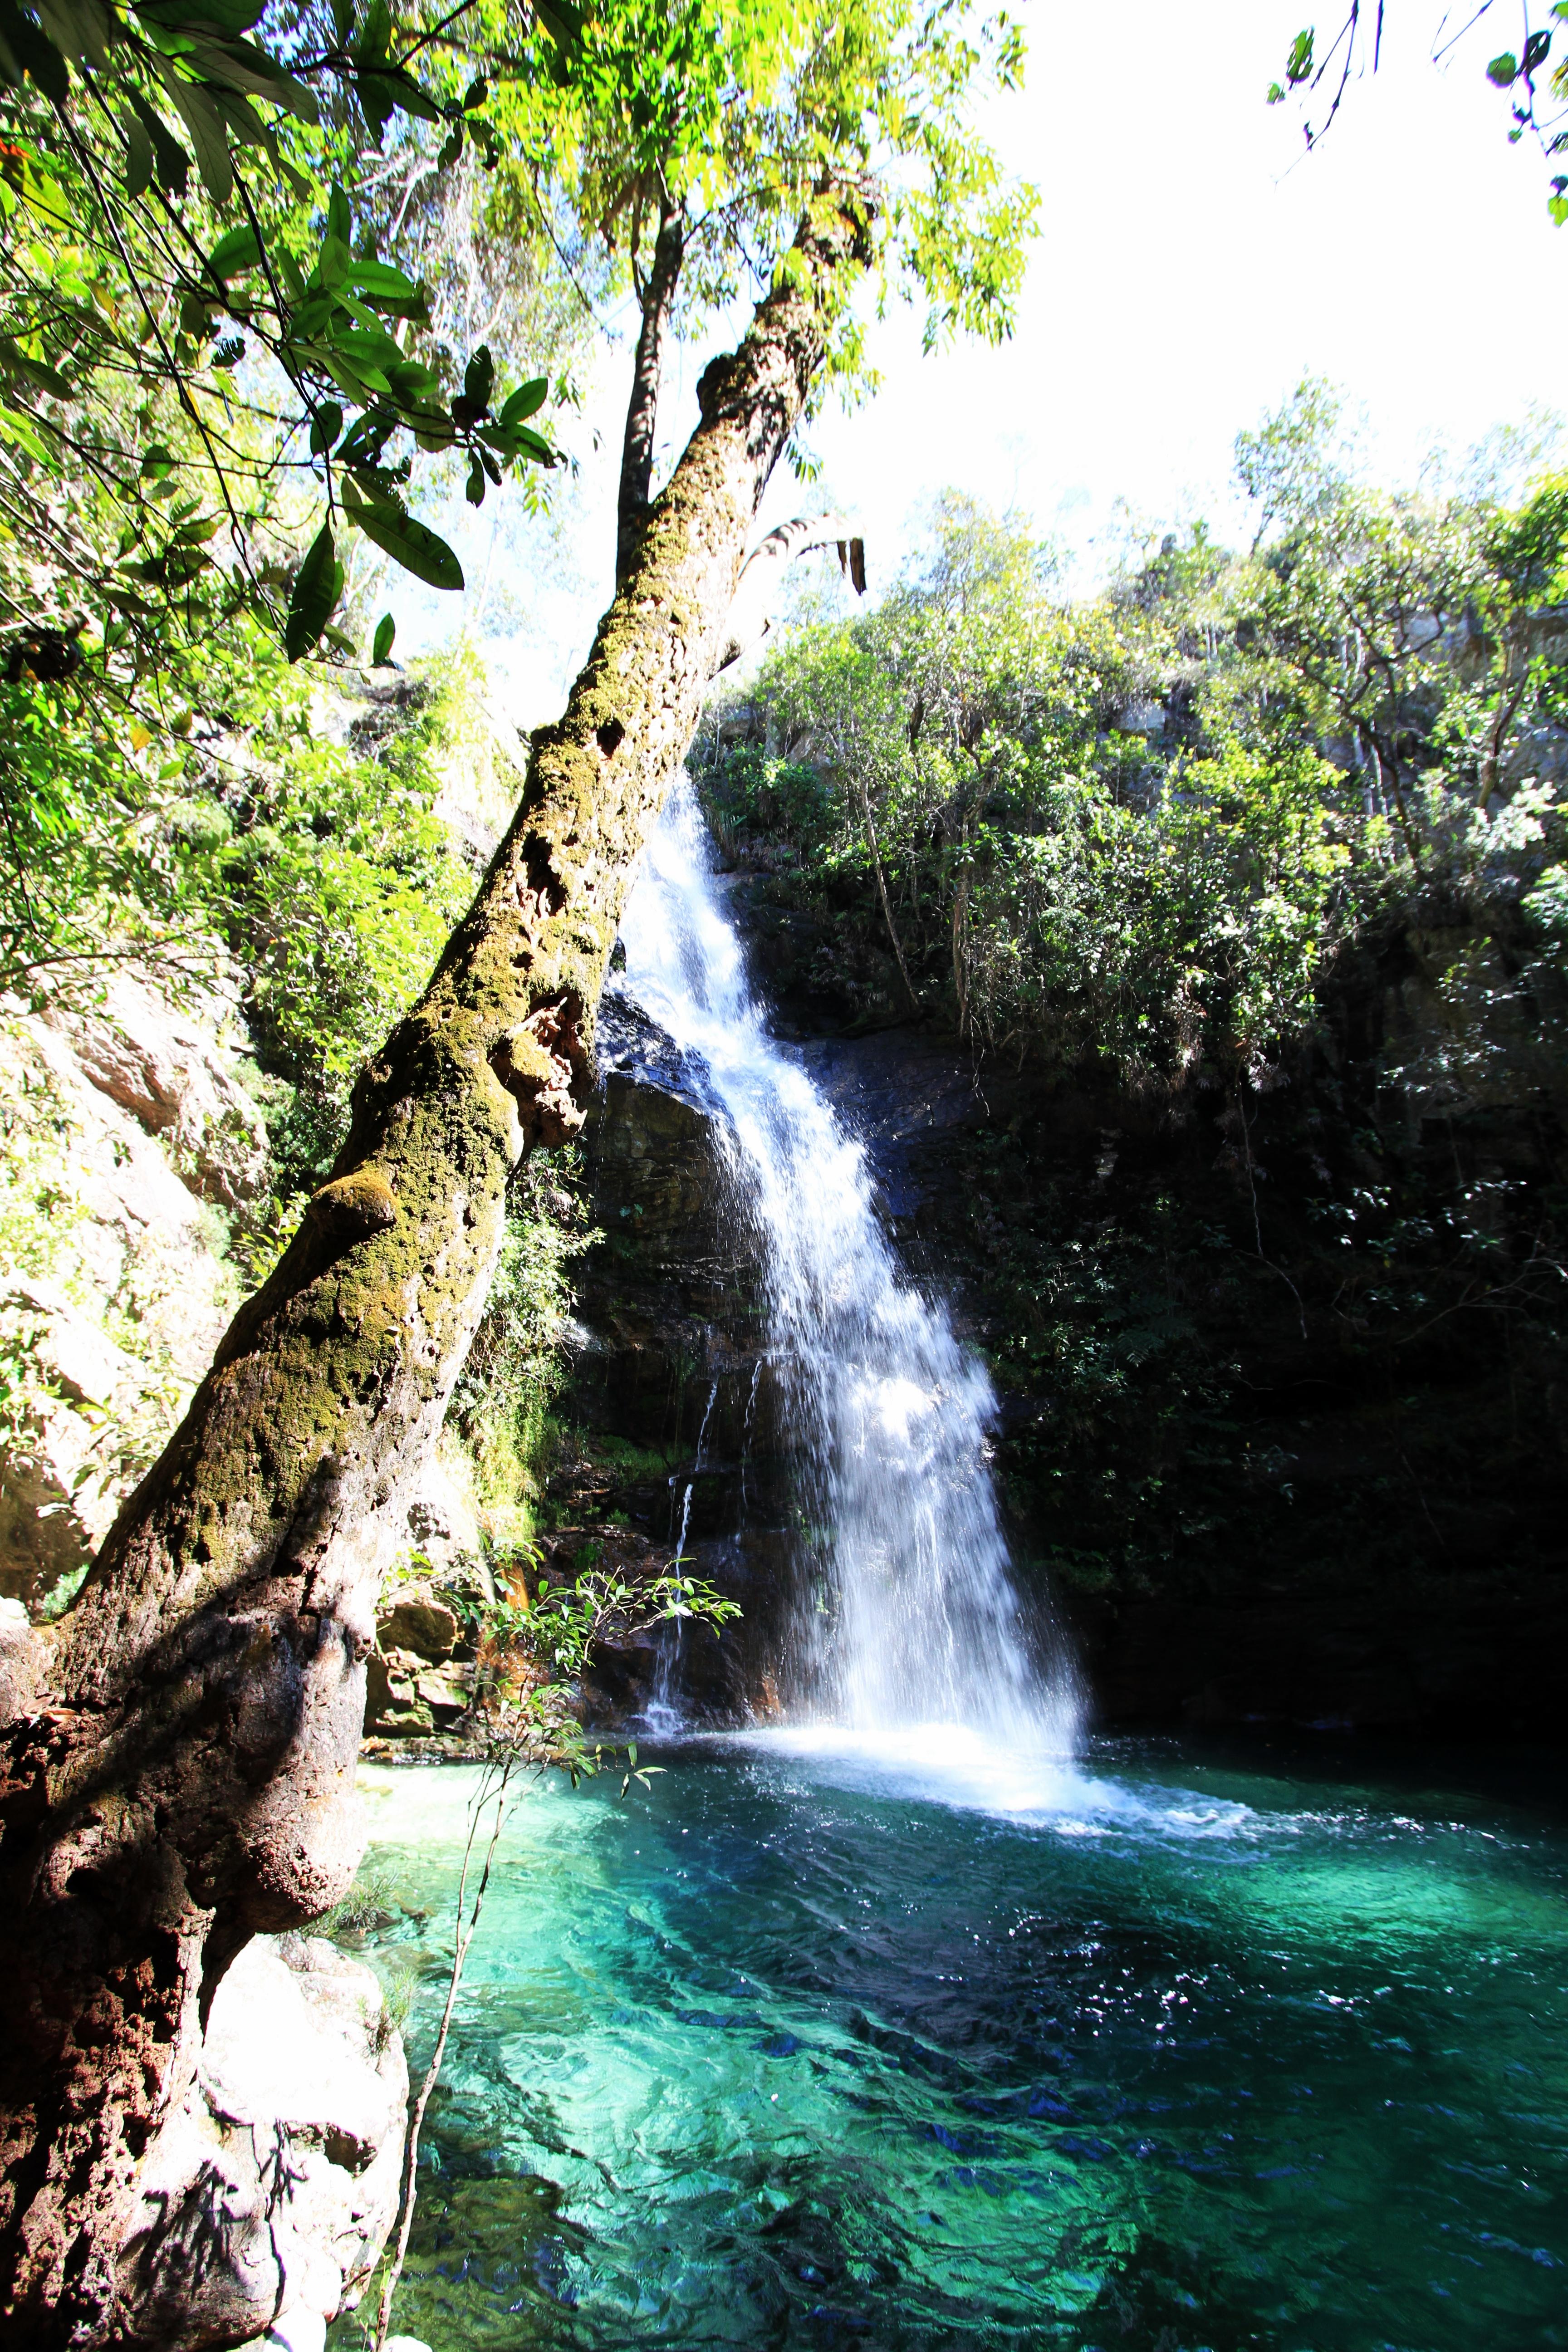 Cavalcante Goiás fonte: upload.wikimedia.org